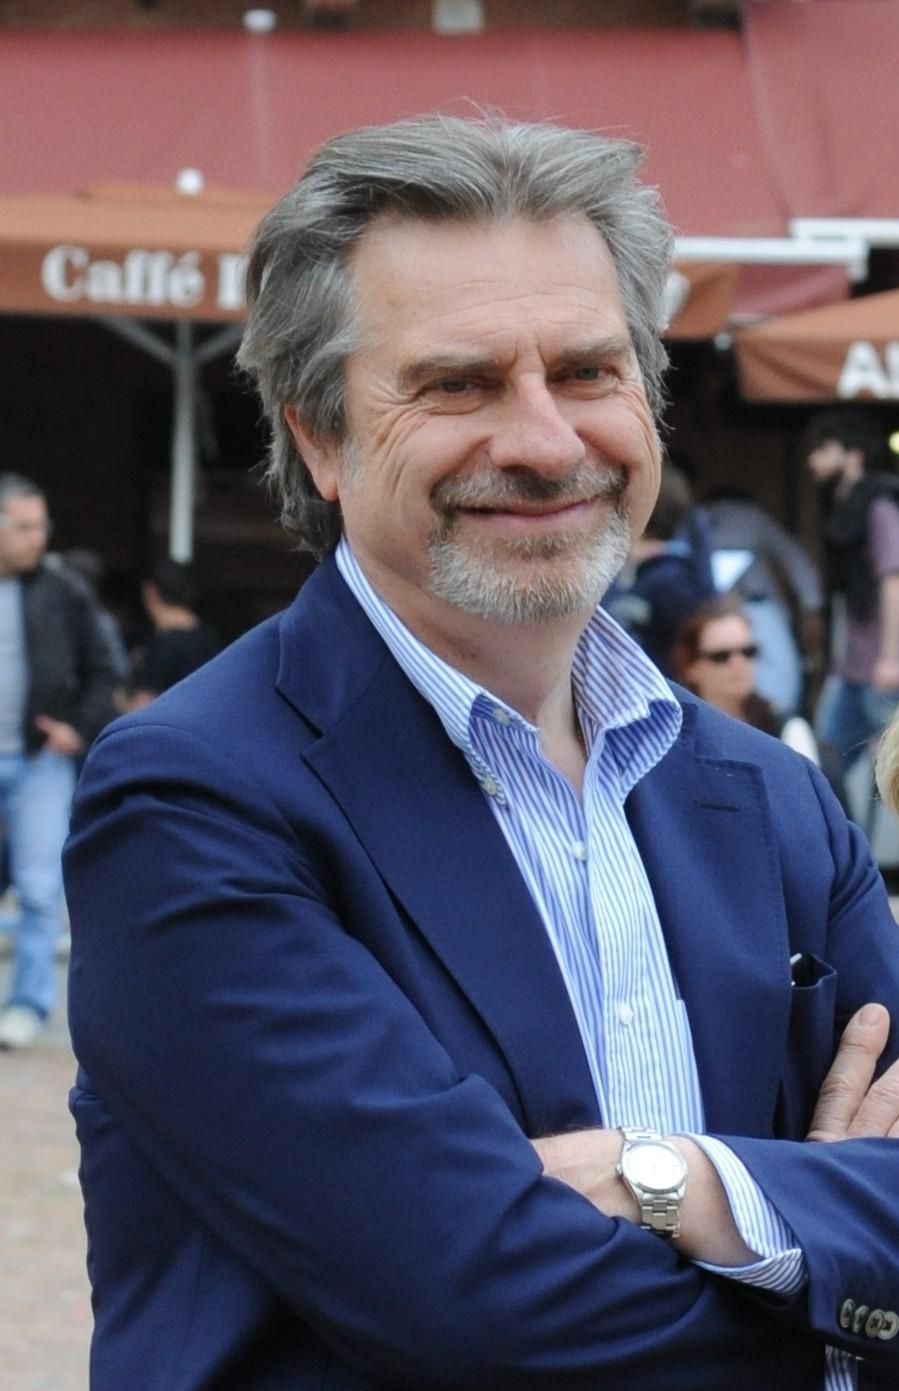 """Caso Siena Jazz, il presidente Bizzarri: """"Decisione di Caroni, inaspettata. Difenderemo l'eccellenza che ci viene riconosciuta"""""""